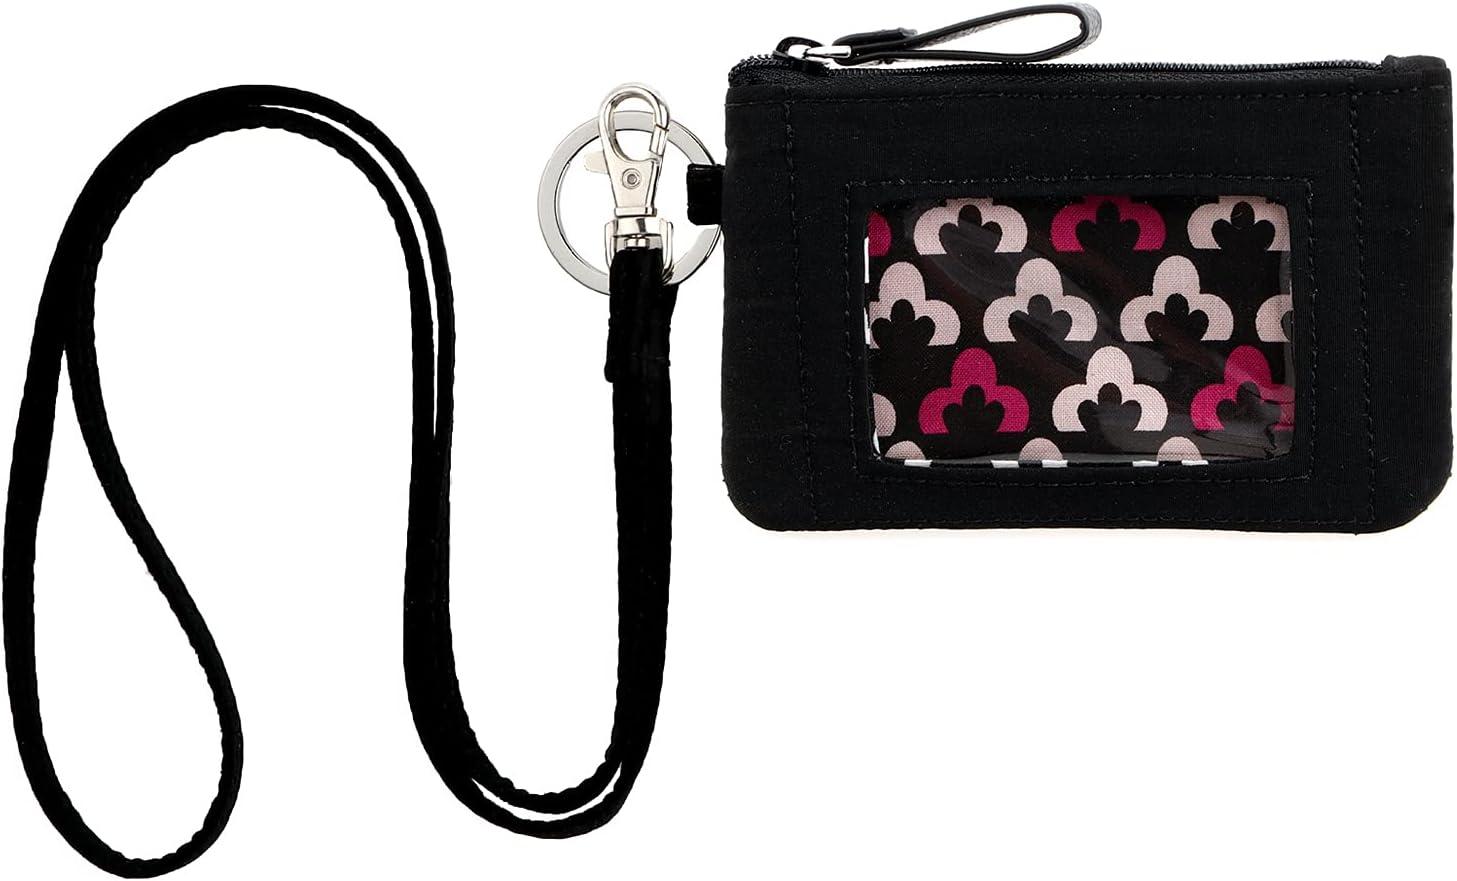 DONGGANGAJI Classic Black Lanyard with Zip ID Case, Fashion Lanyard Wallet, ID Case Wallet with Lanyard,lanyards with wallet (Black-B)